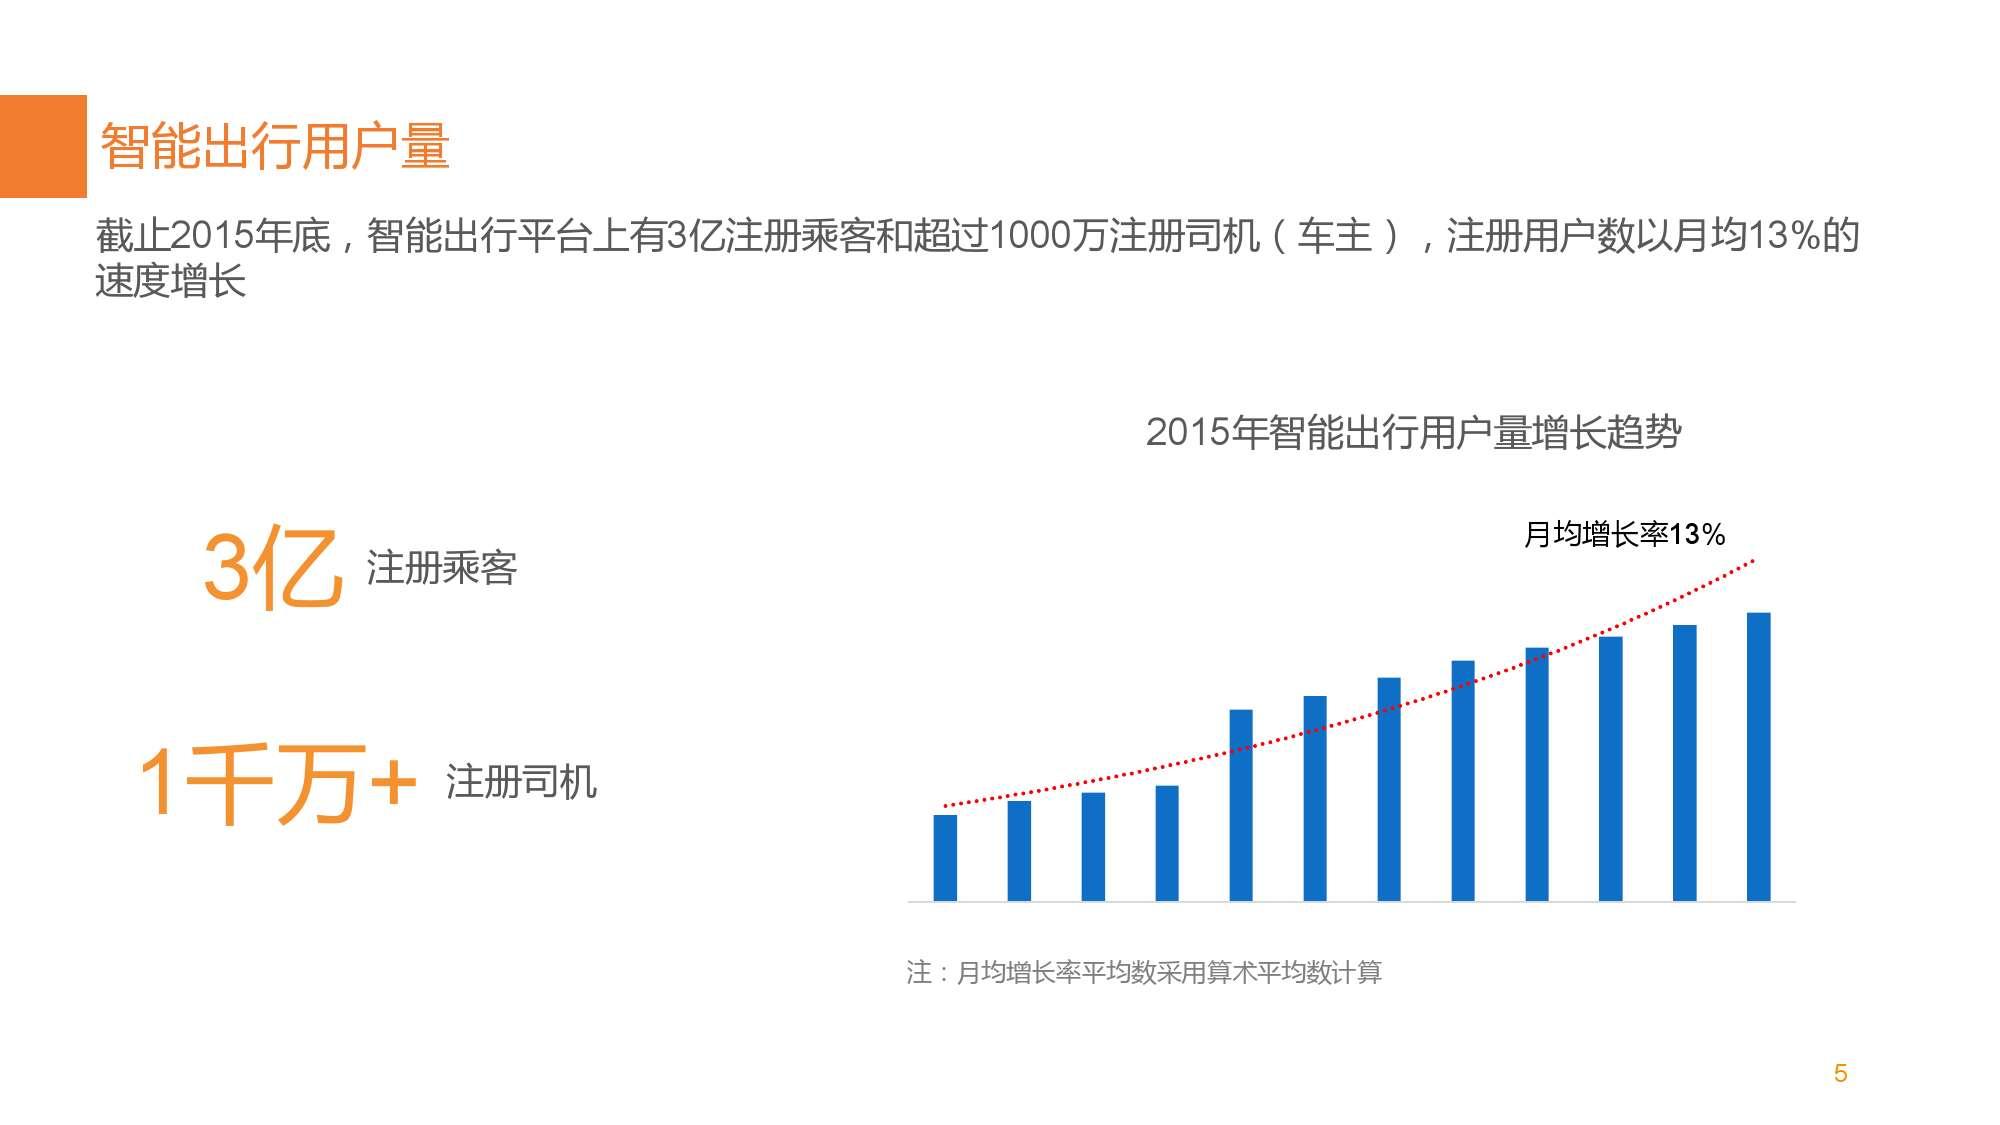 中国智能出行2015大数据报告_000007